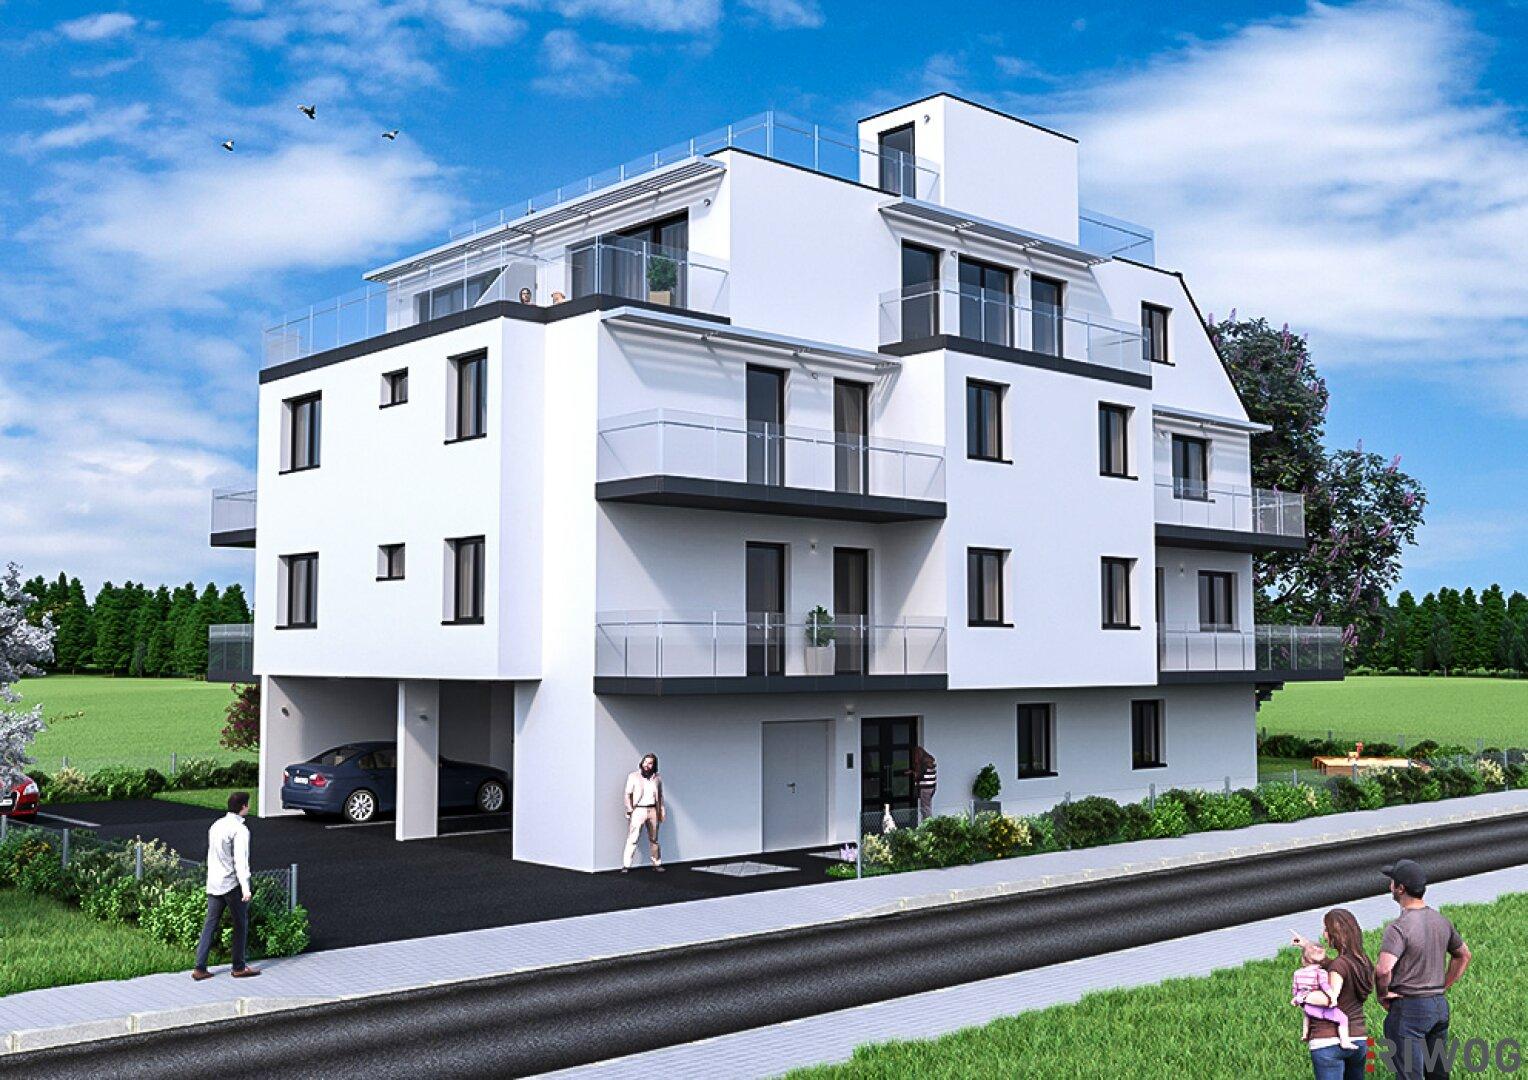 OLEA - Wohnresort Hirschstetten (Projektansicht)